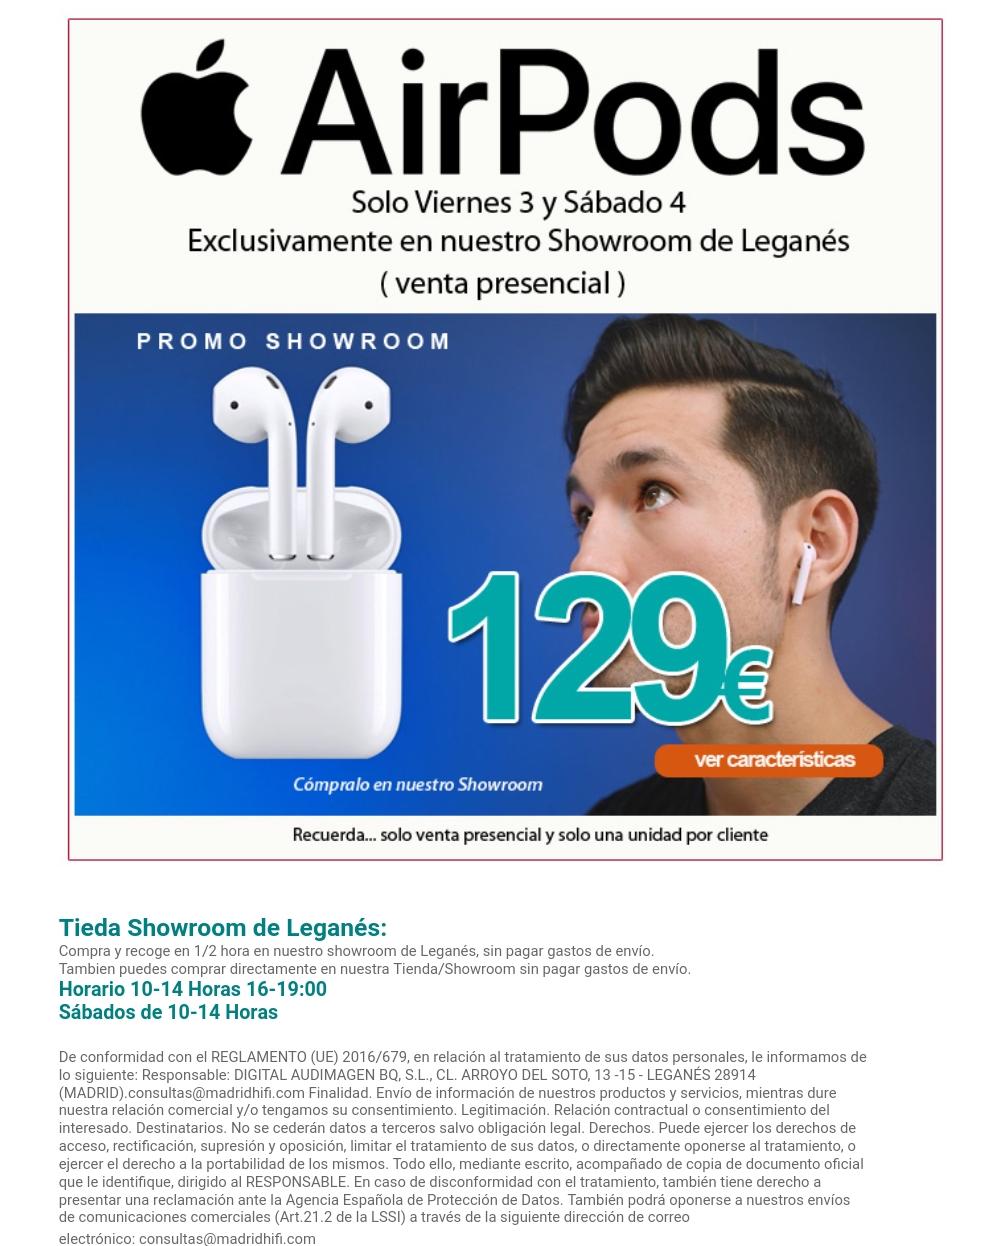 AirPods de Apple (venta tienda física en Leganés)